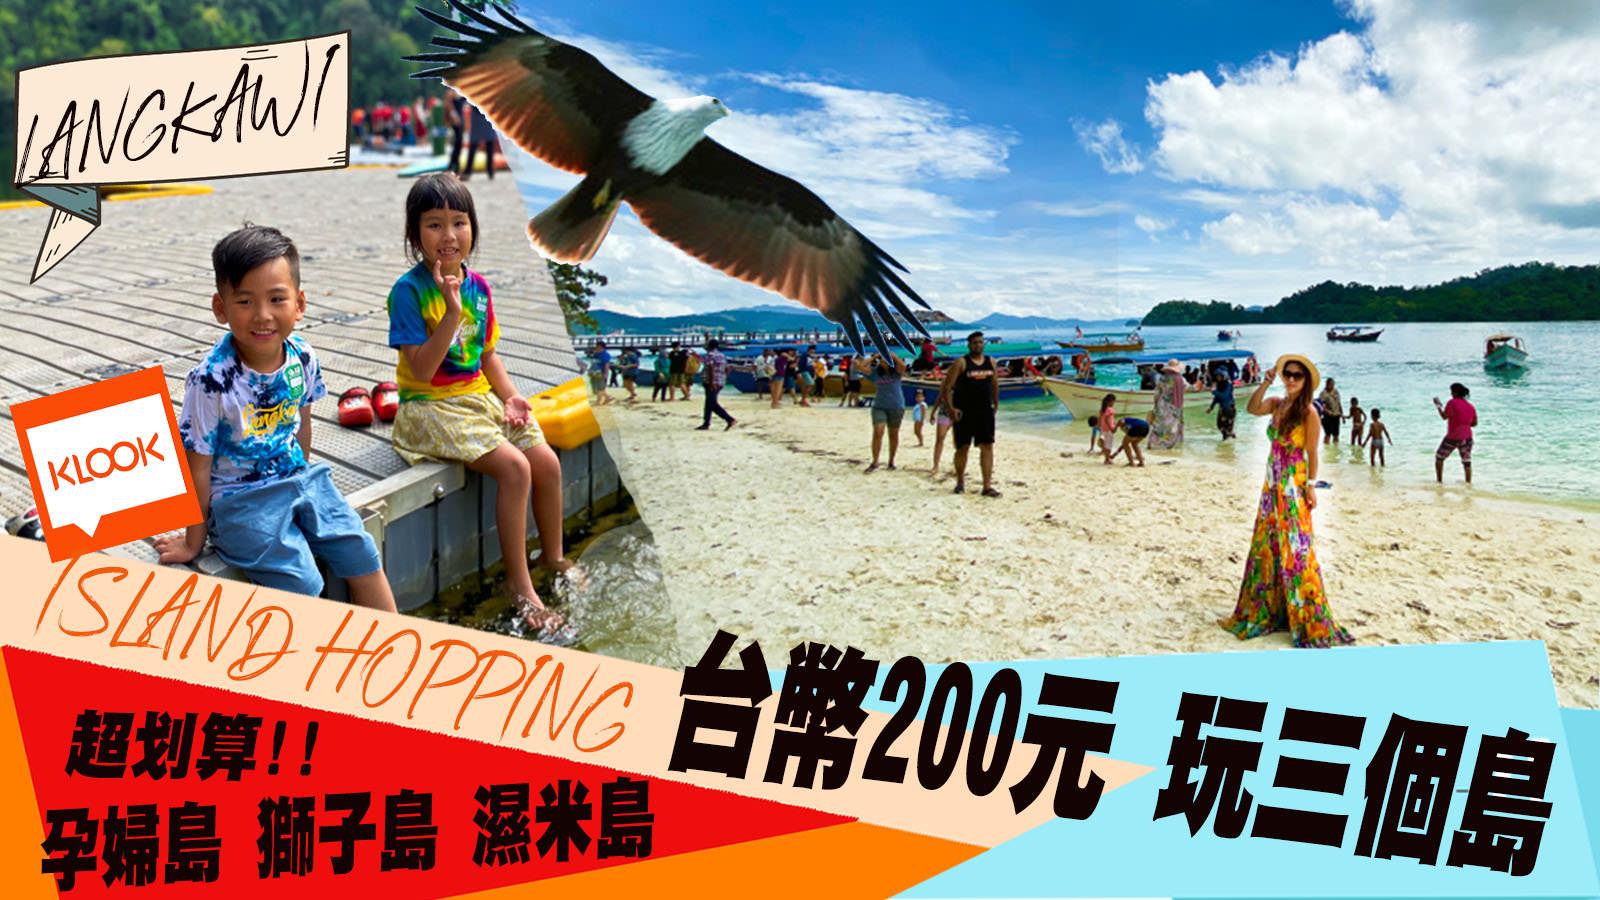 蘭卡威親子遊▪  跳著玩三個島 孕婦島 獅子島餵老鷹 濕米島 langkawi island hopping tour package